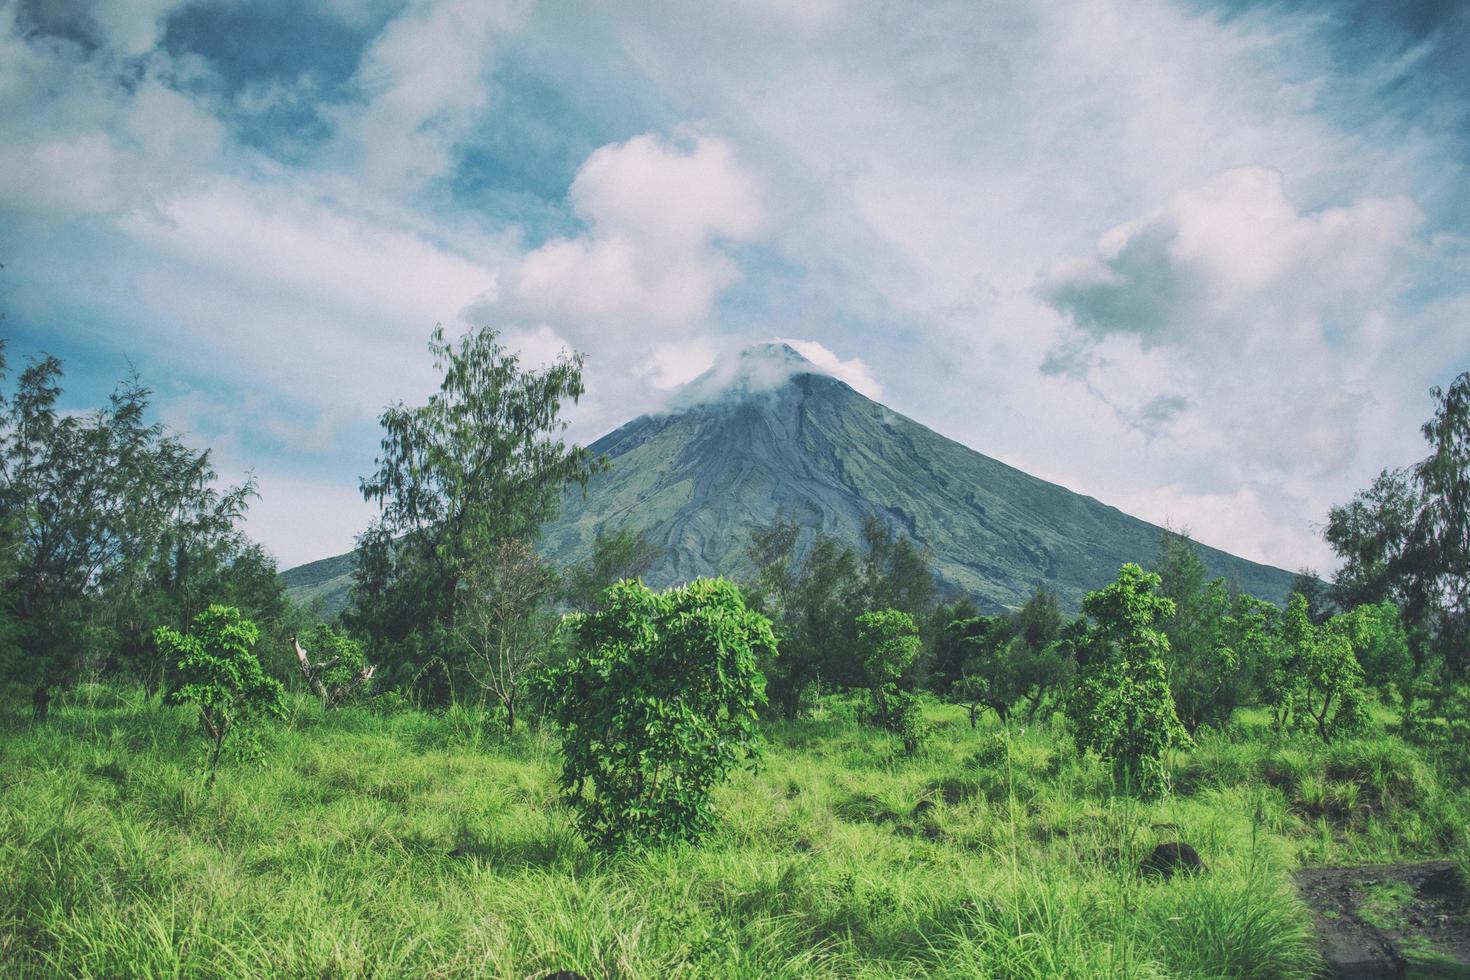 montaña bajo cielo nublado foto